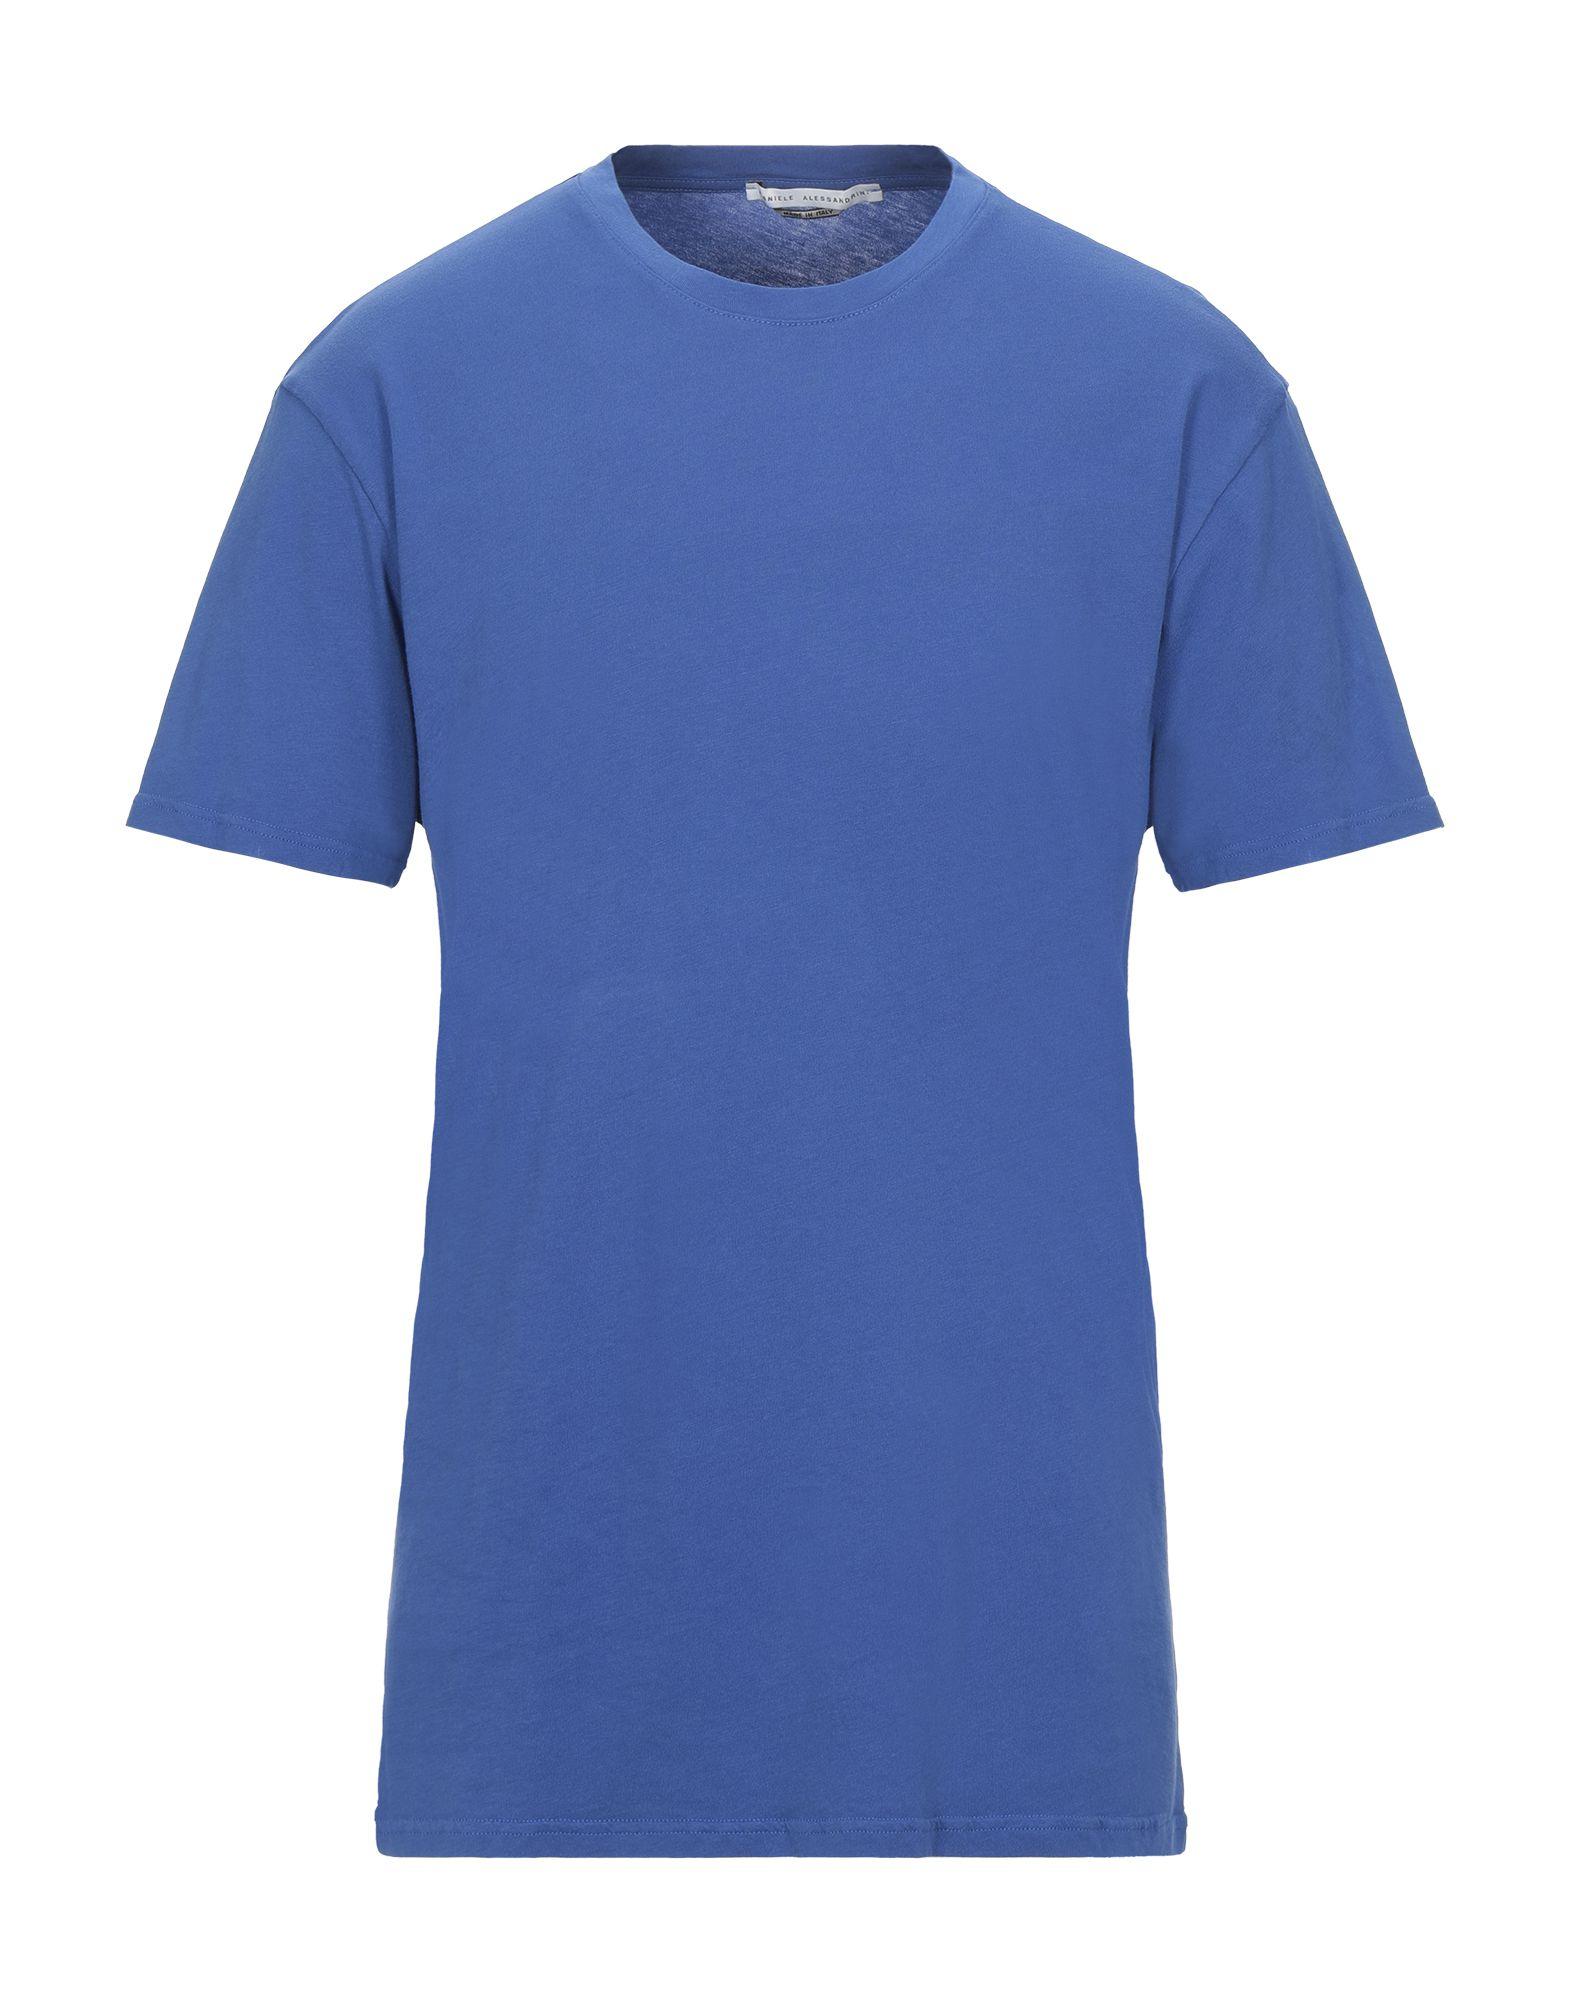 《セール開催中》DANIELE ALESSANDRINI メンズ T シャツ ブライトブルー S コットン 100%